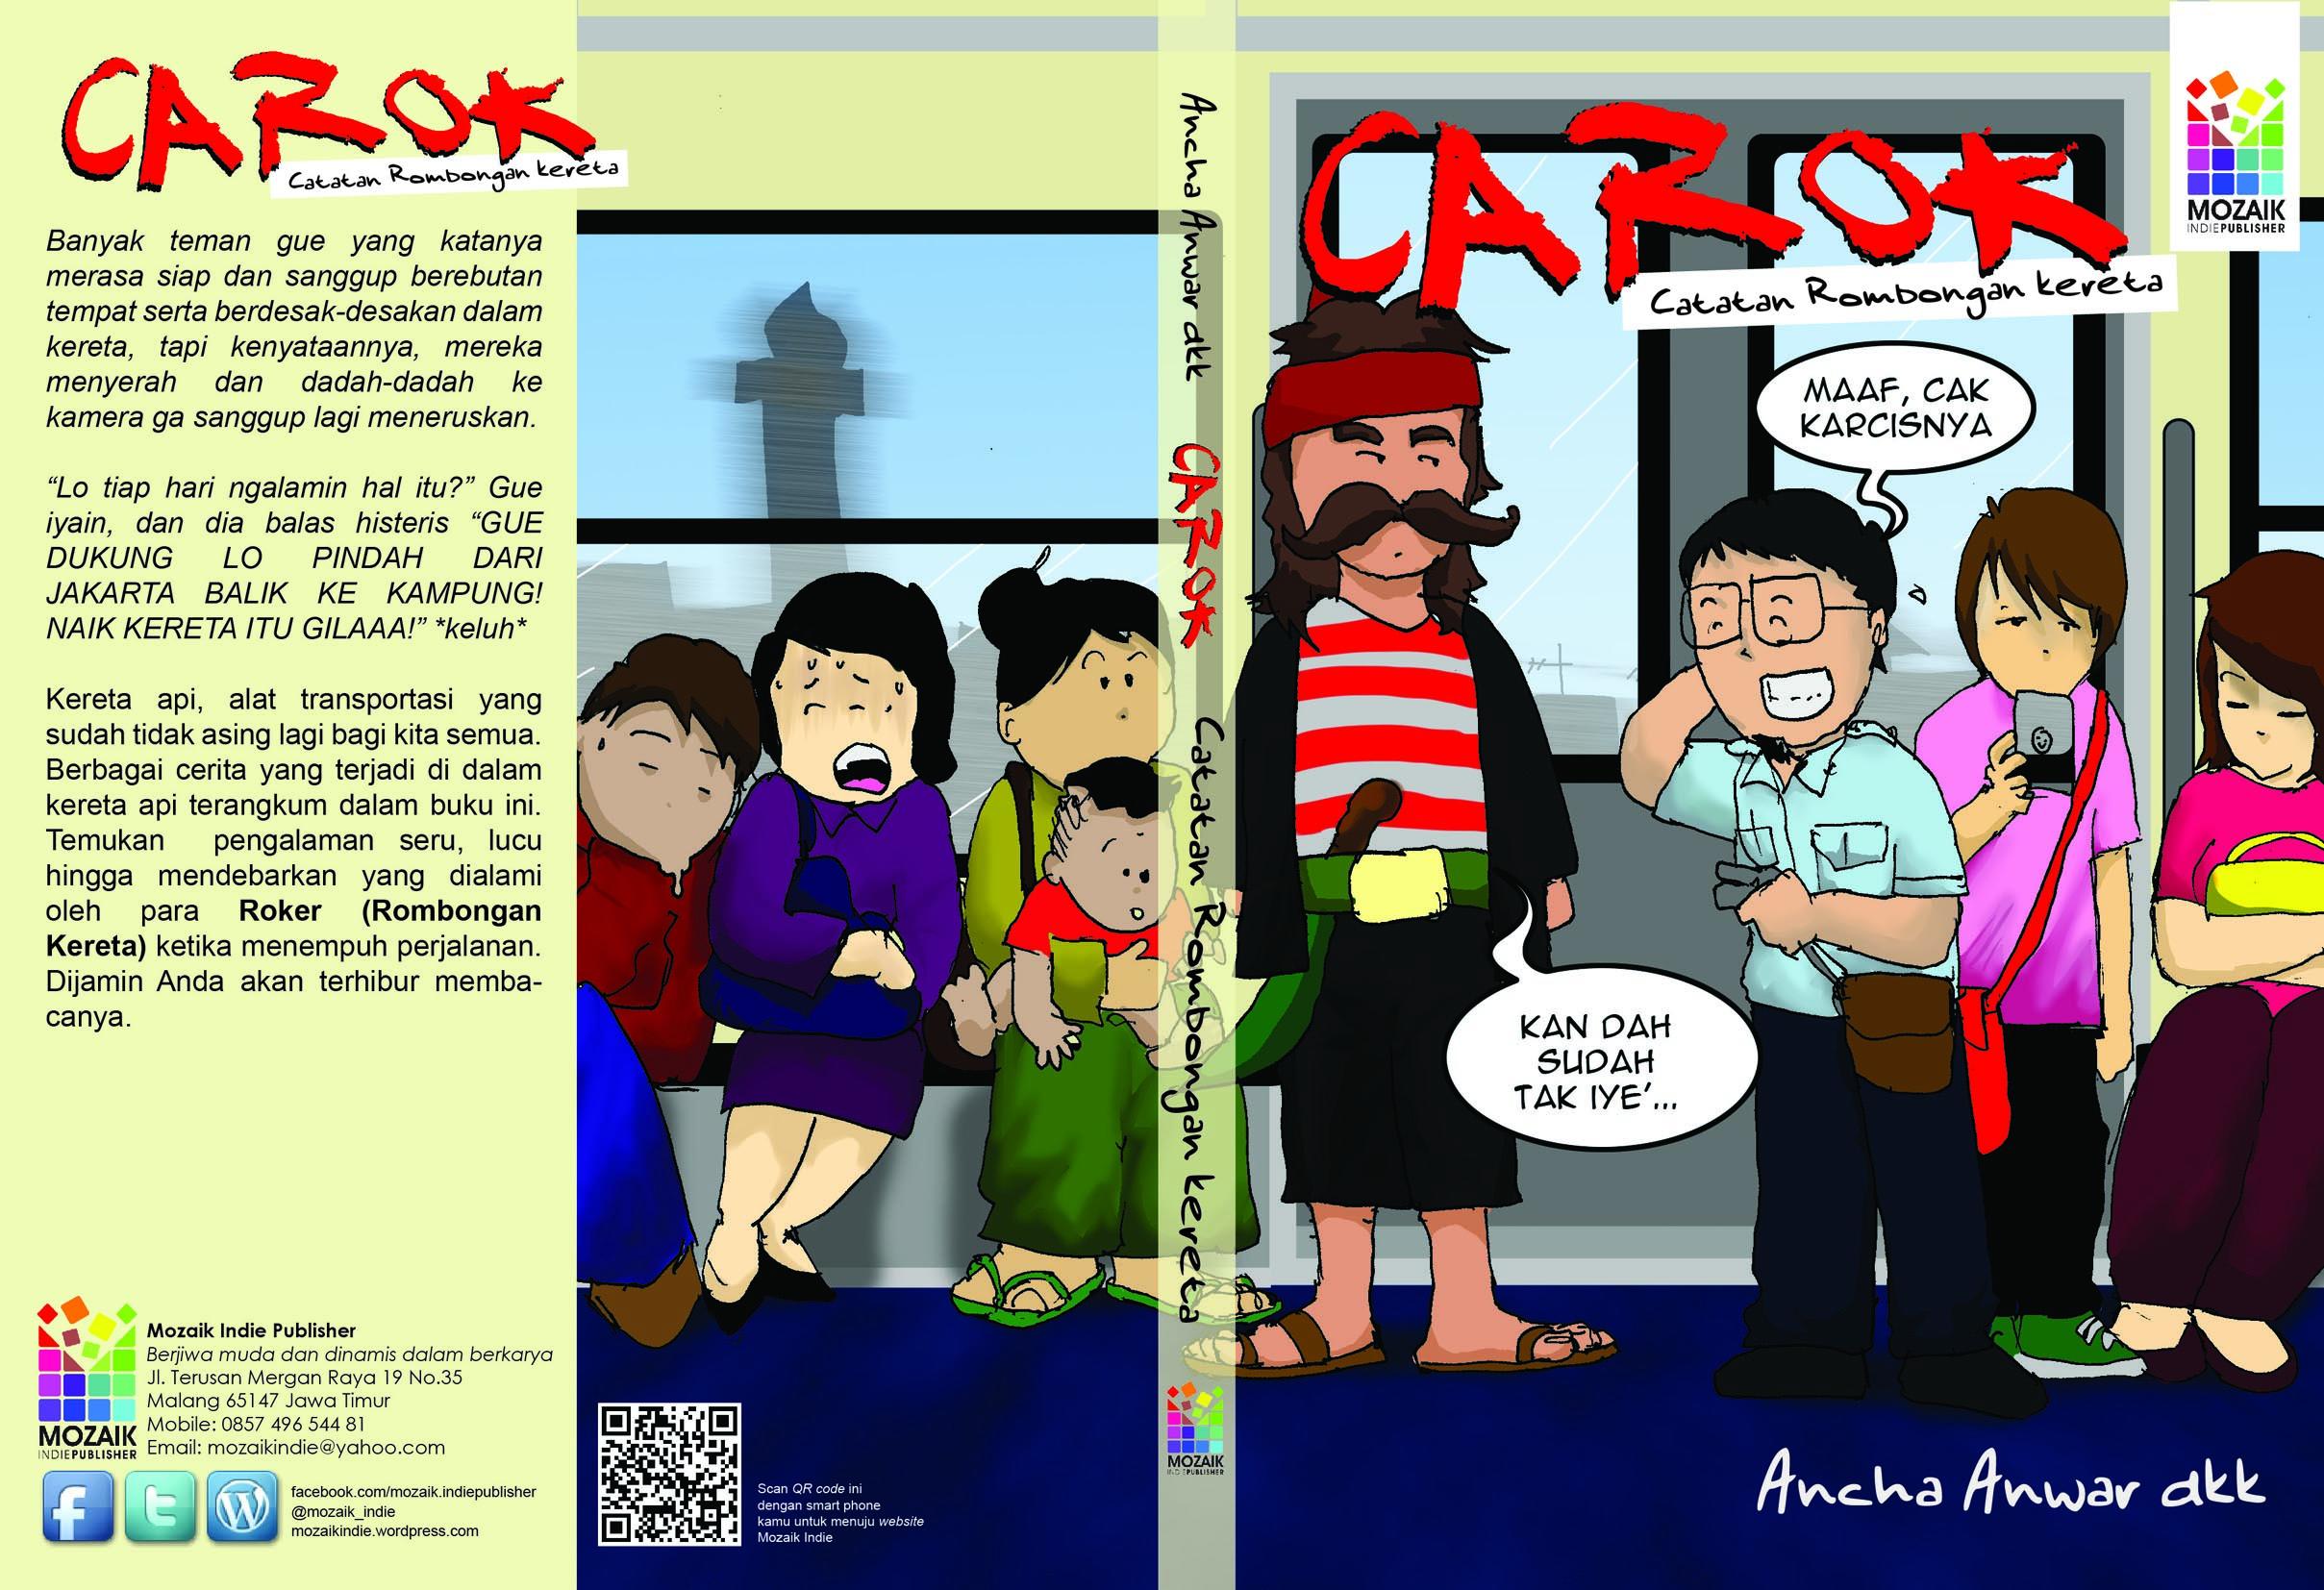 Mozaik Indie Publisher Berjiwa Muda Dan Semangat Dalam Berkarya